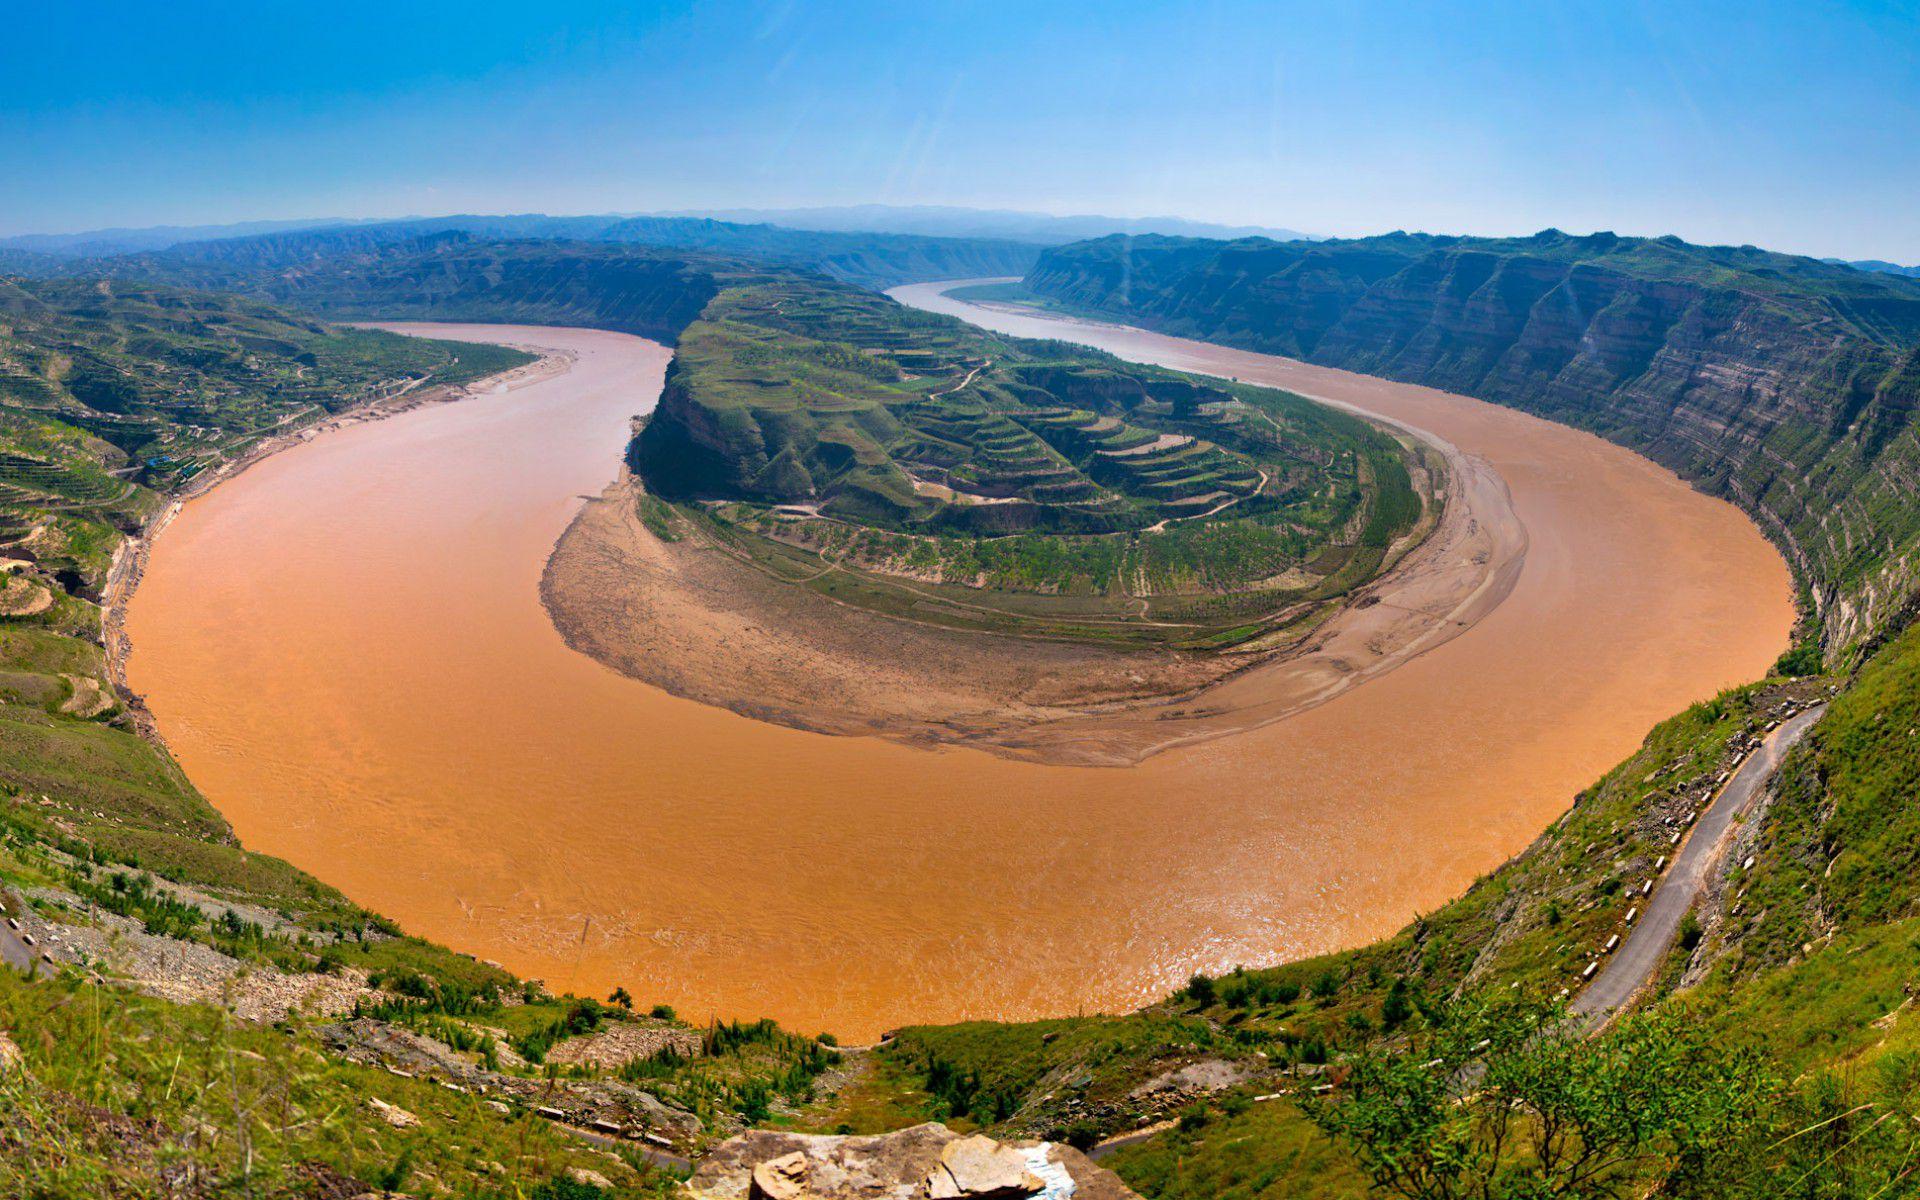 اكبر نهر في العالم من الأنهار المعروفة بكبرها احساس ناعم